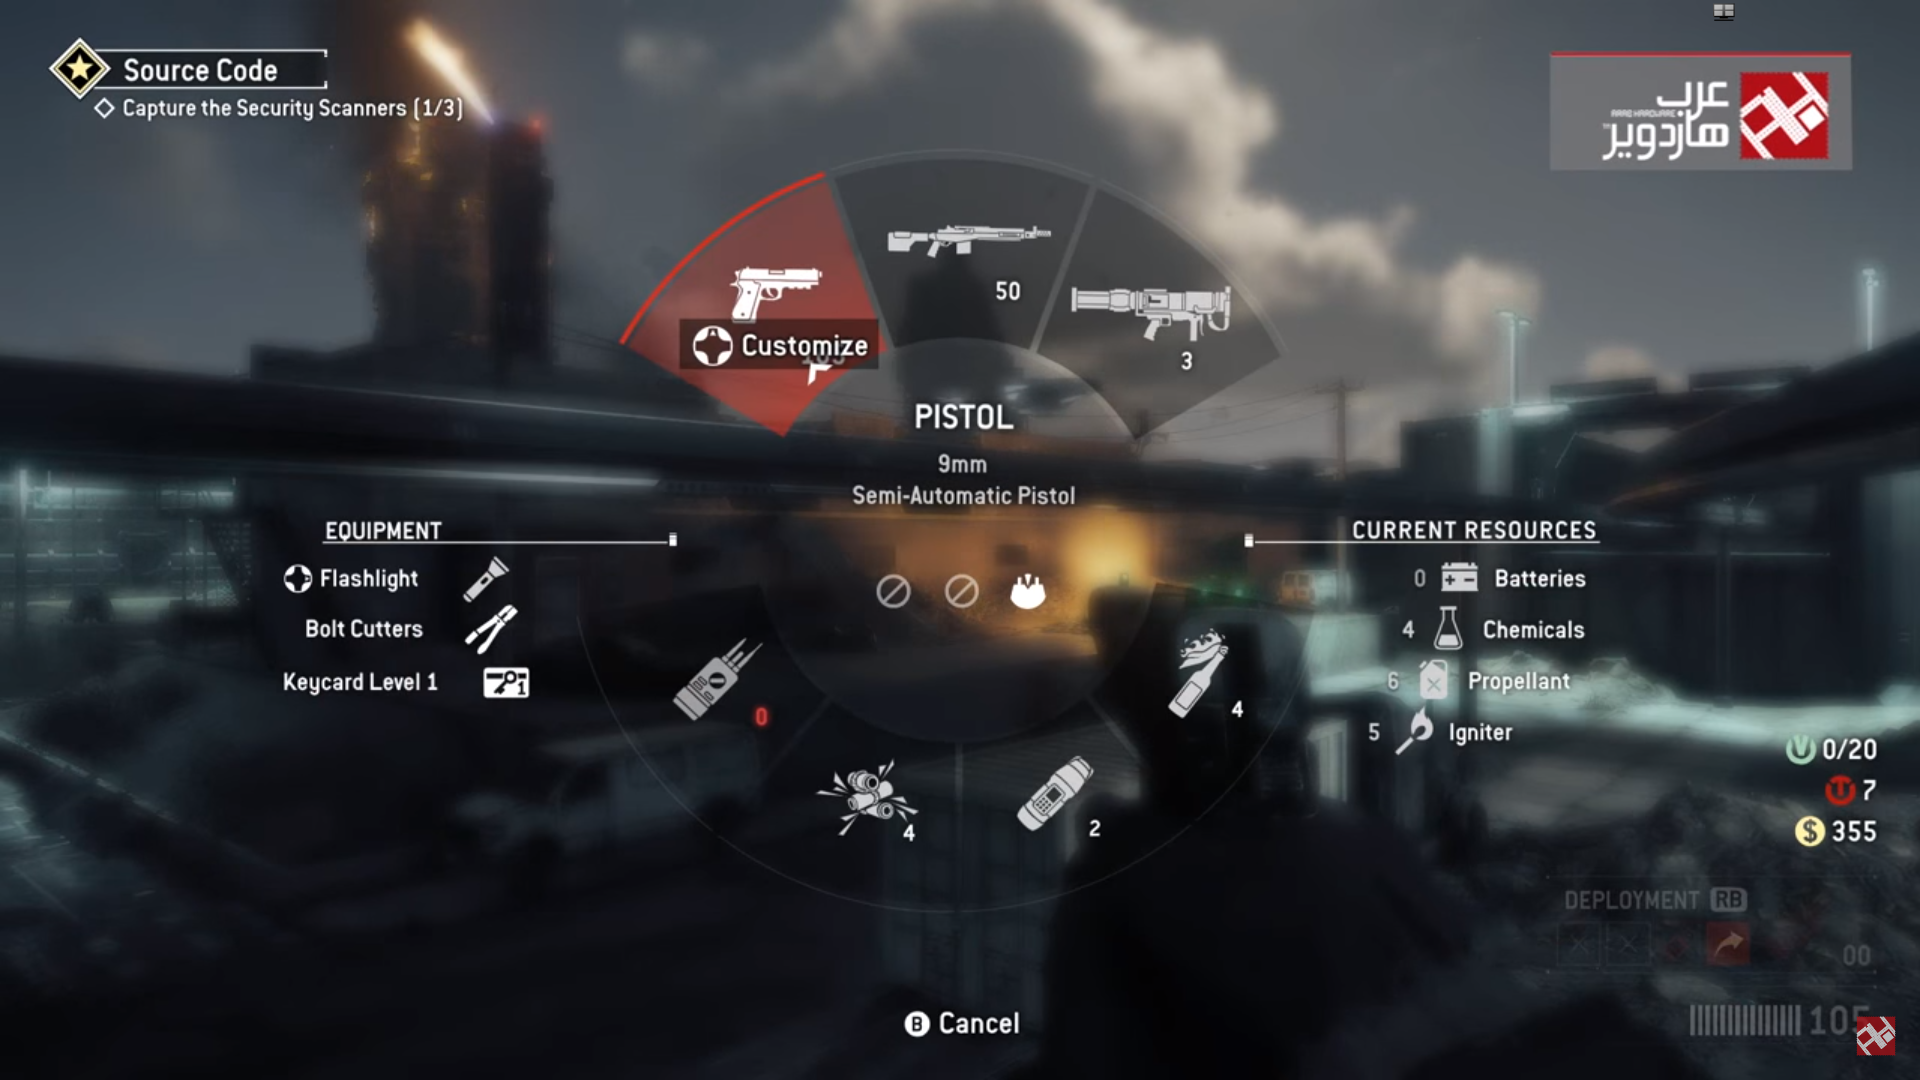 خمس خطوات لإضافة تعديلات على الأسلحة فى Homefront: The Revolution